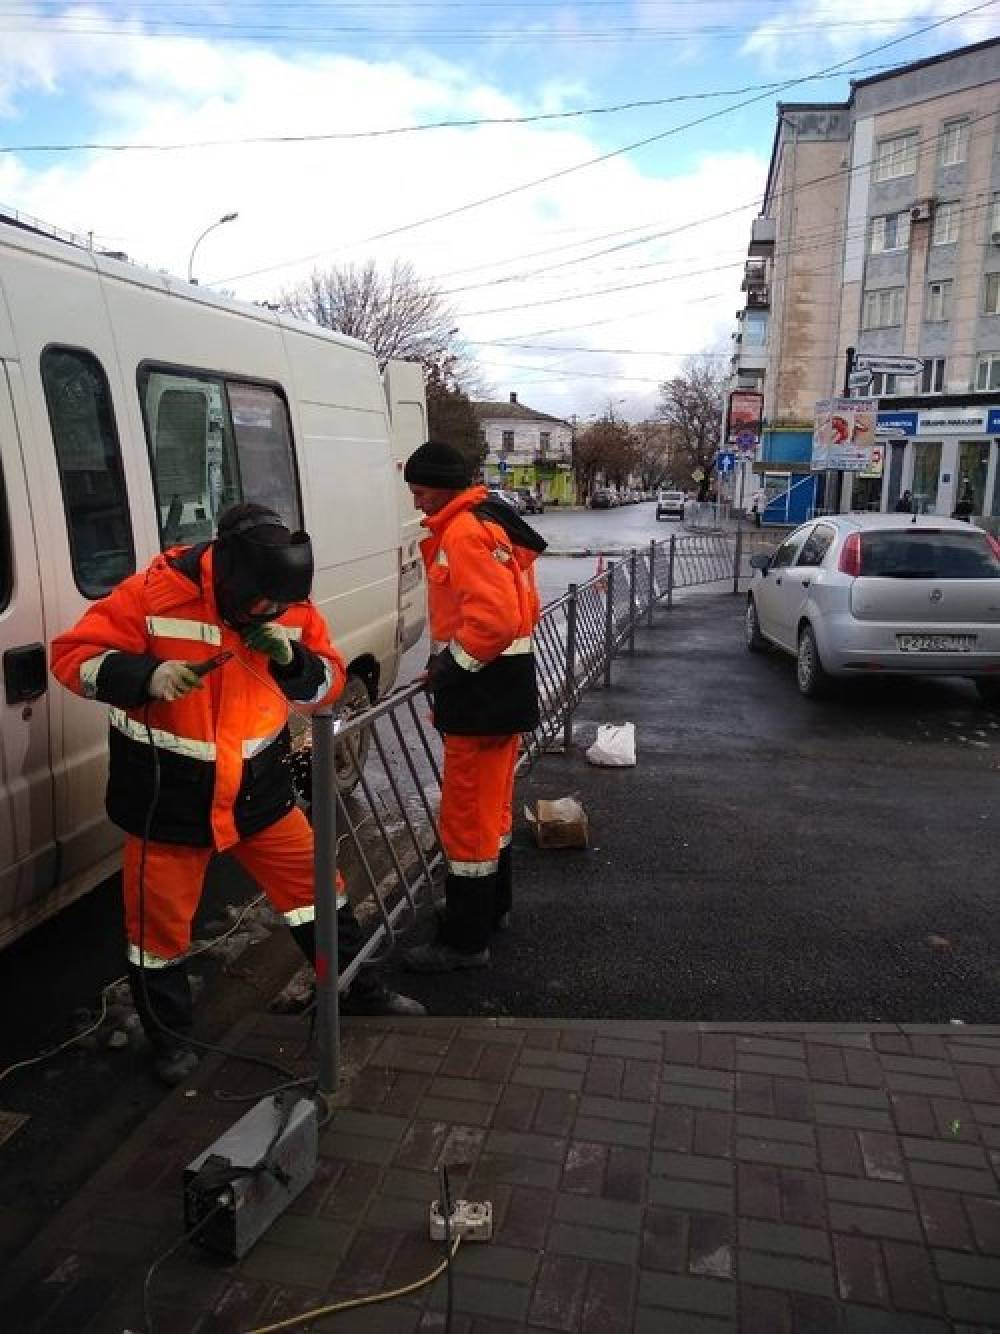 На улице Севастопольской и Мате Залки Симферополя вместо ограждений установят новые ливневки, - ФОТО